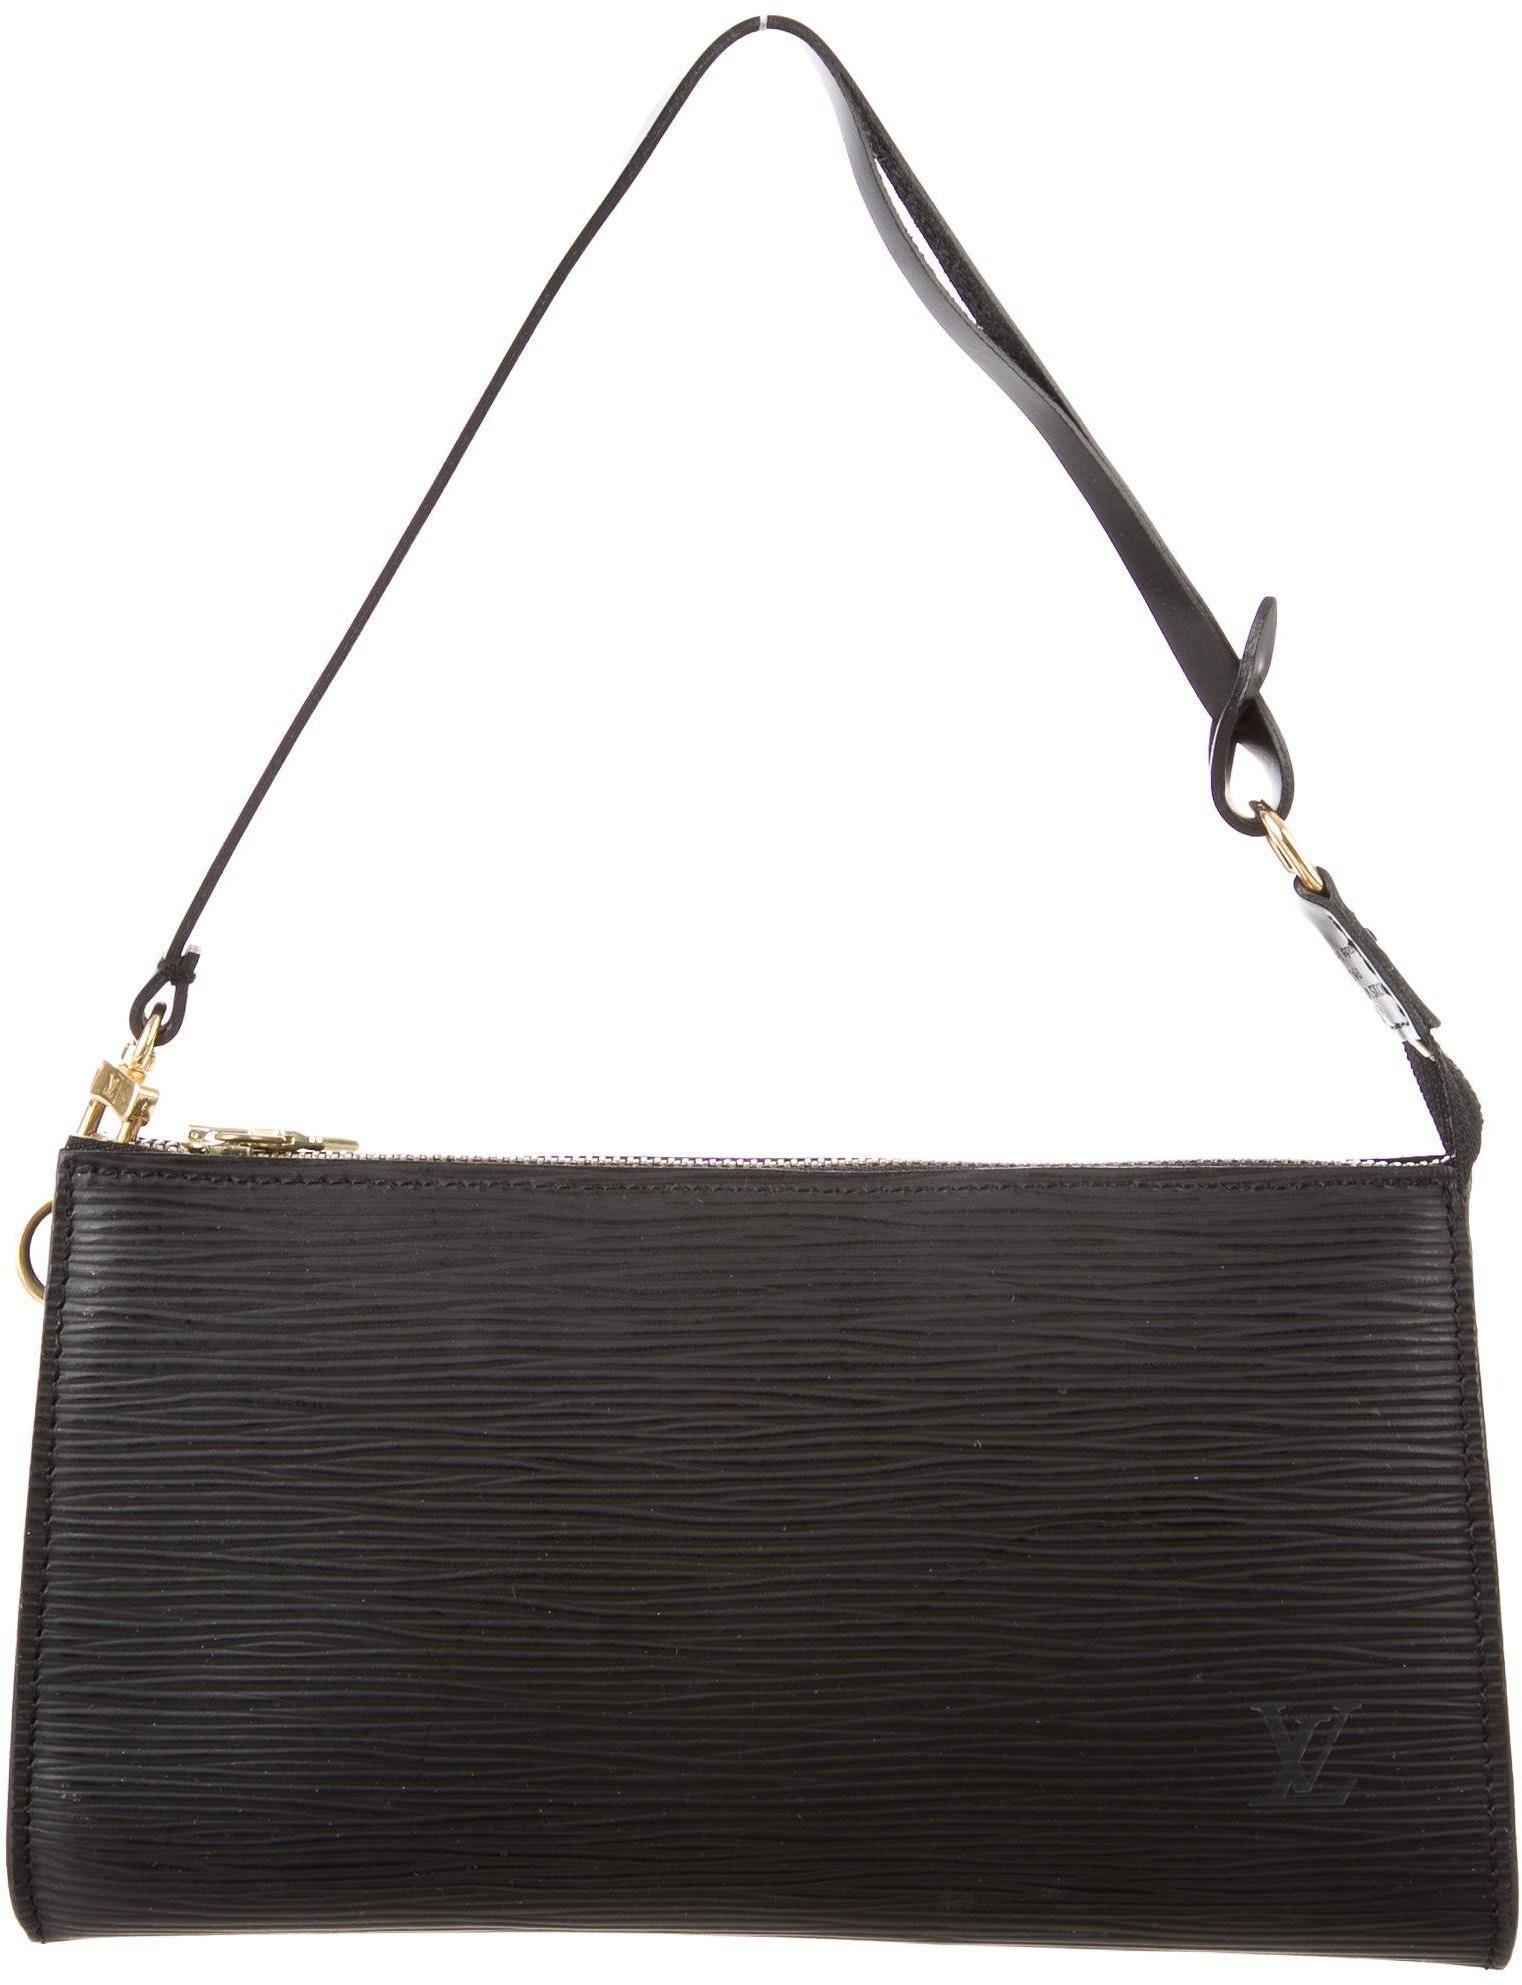 Louis Vuitton Pochette Accessoires Epi Black